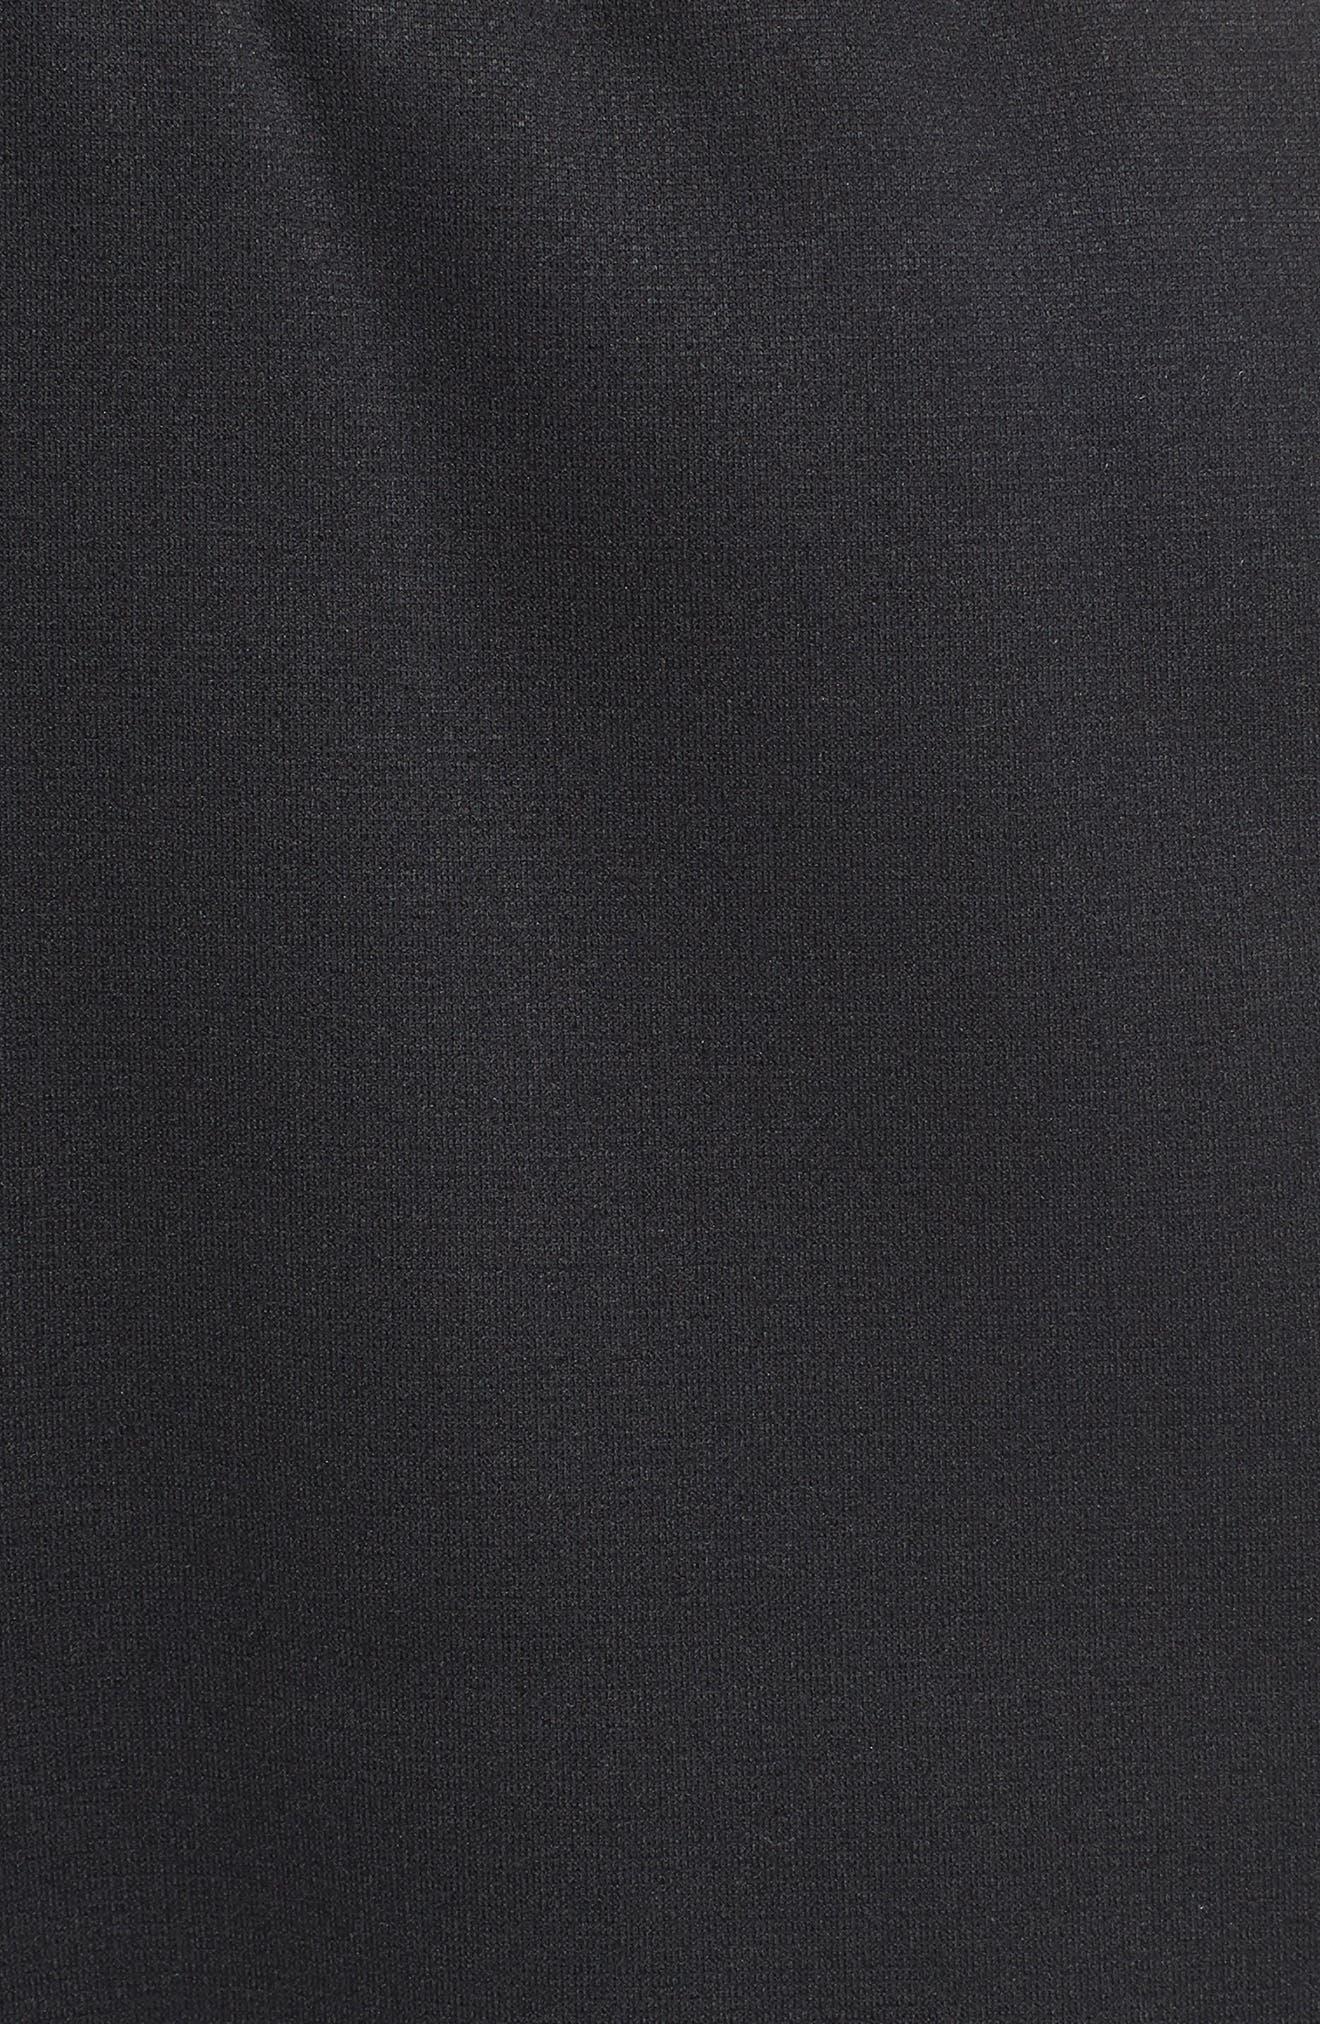 Dri-FIT Therma Training Pants,                             Alternate thumbnail 5, color,                             BLACK/ METALLIC HEMATITE